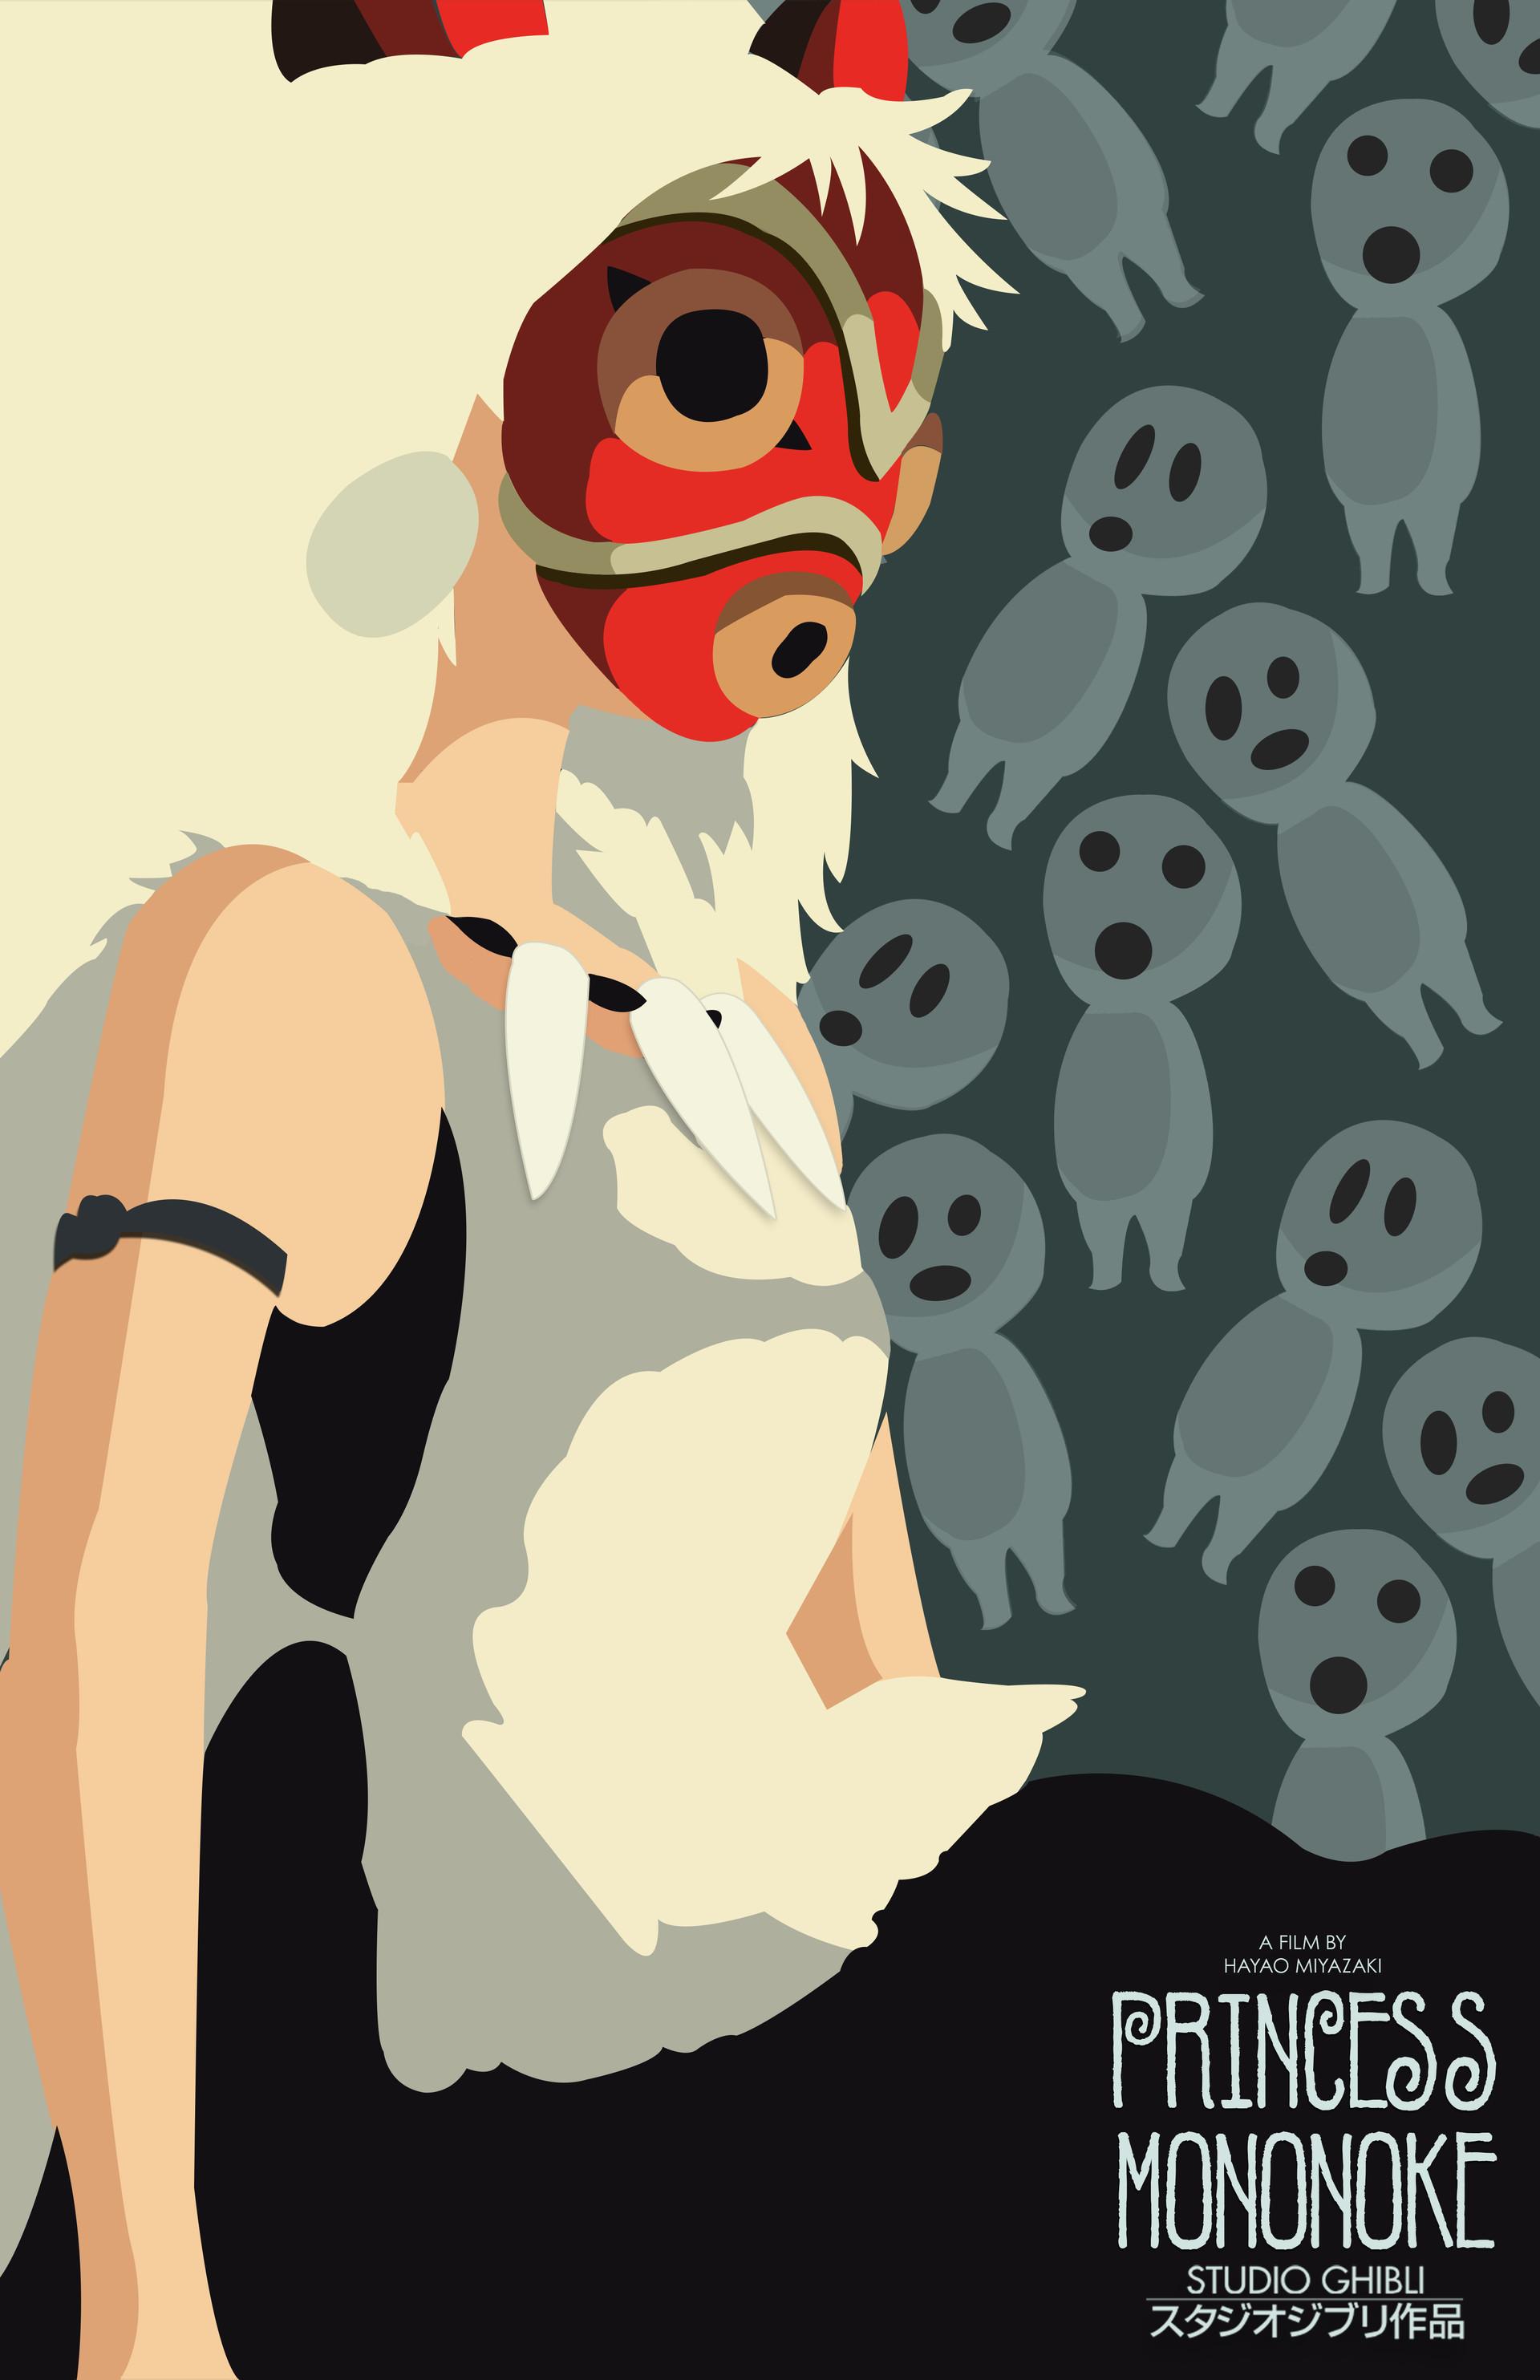 ArtStation - Studio Ghibli Minimalist Posters 268b446f79